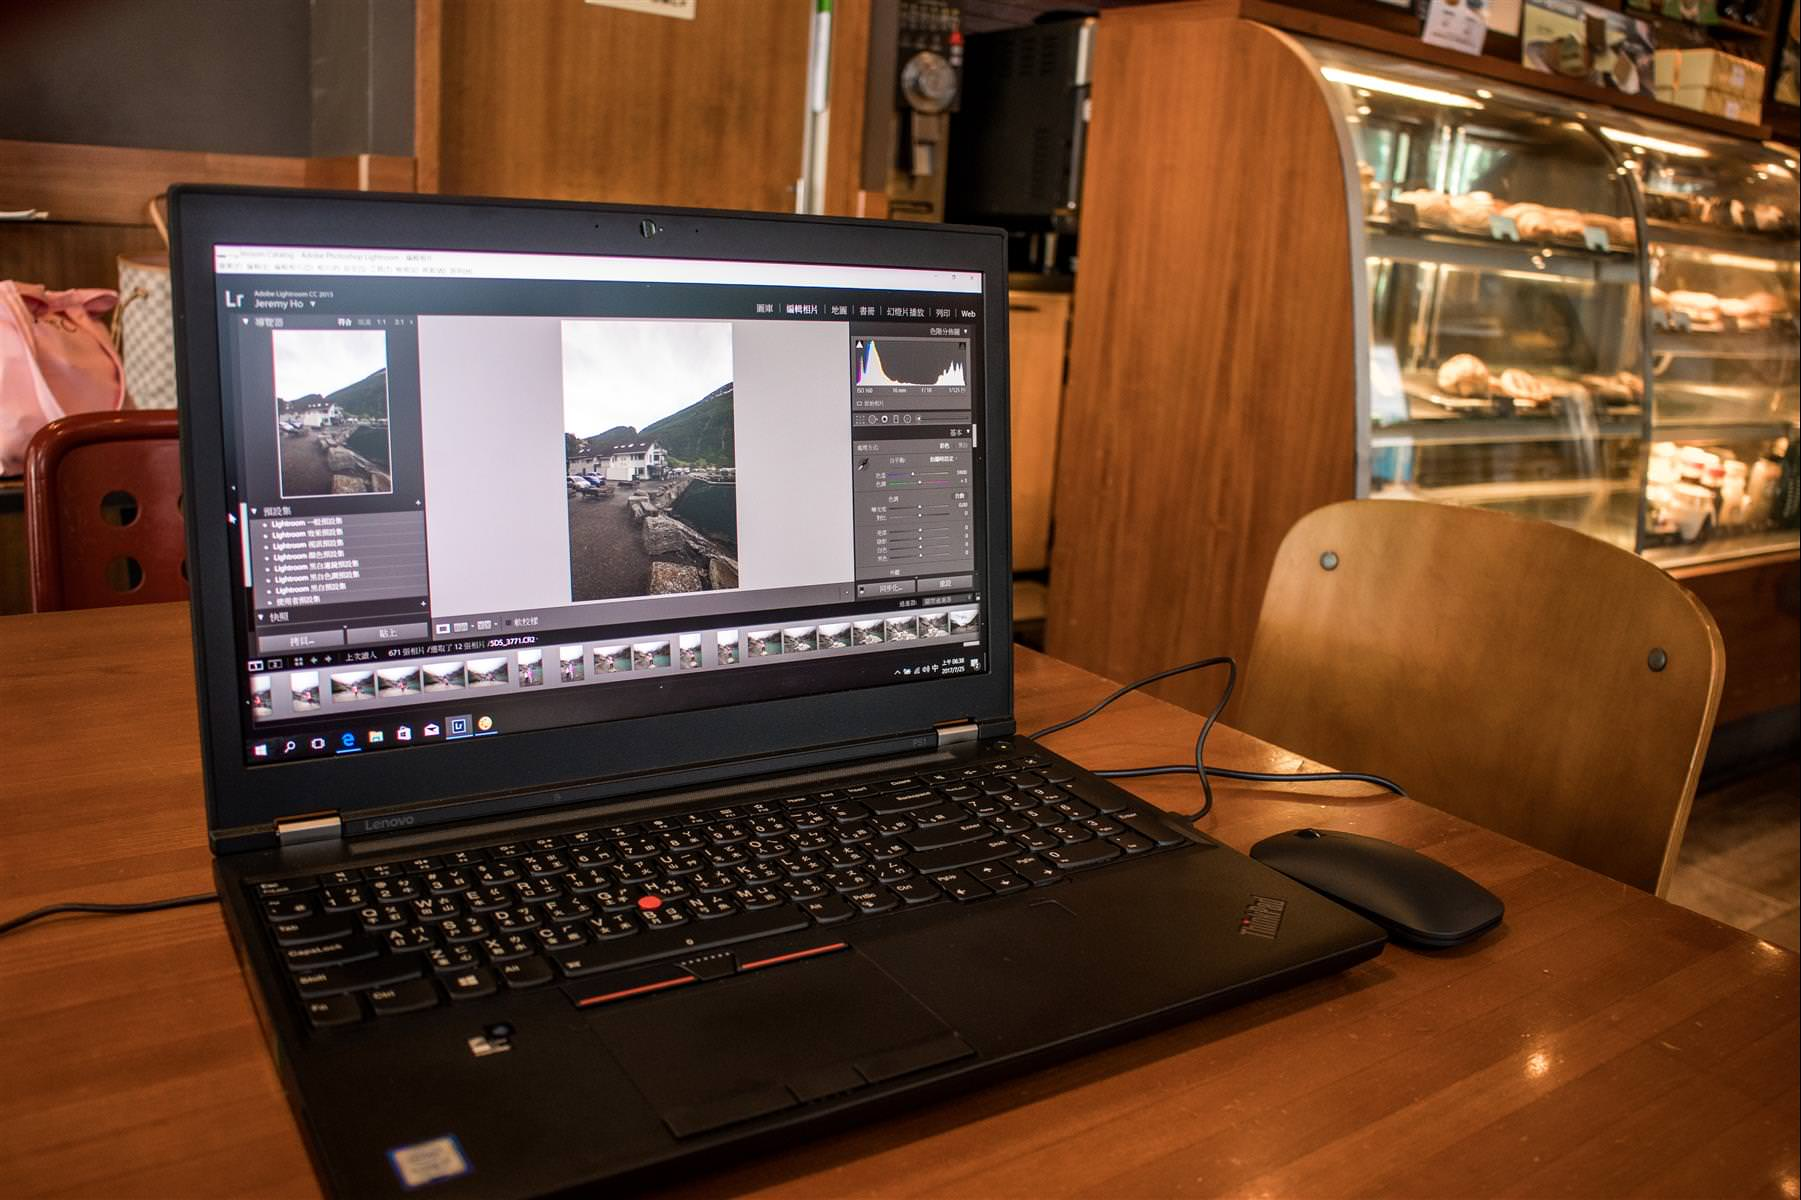 Lenovo ThinkPad P51